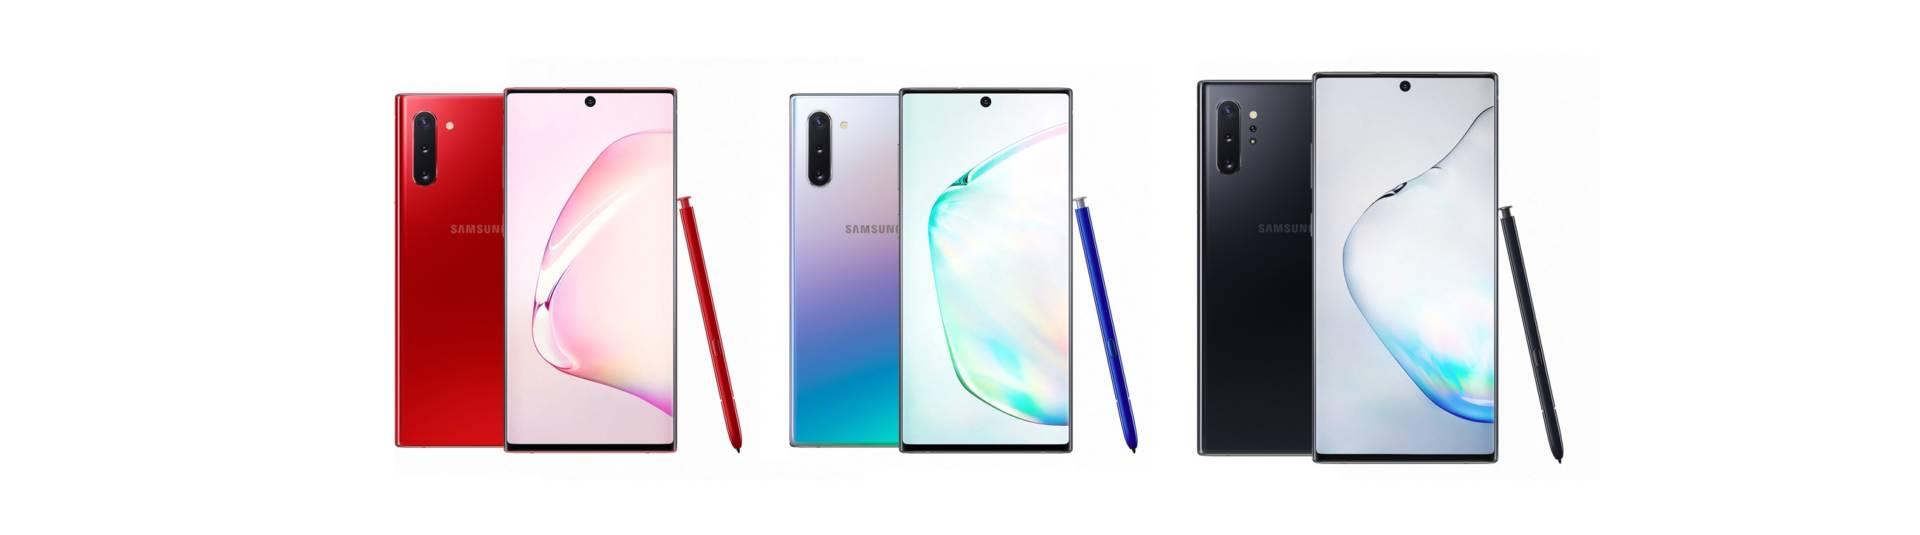 Samsung Galaxy Note 10 e Galaxy Note 10+: caratteristiche e prezzo